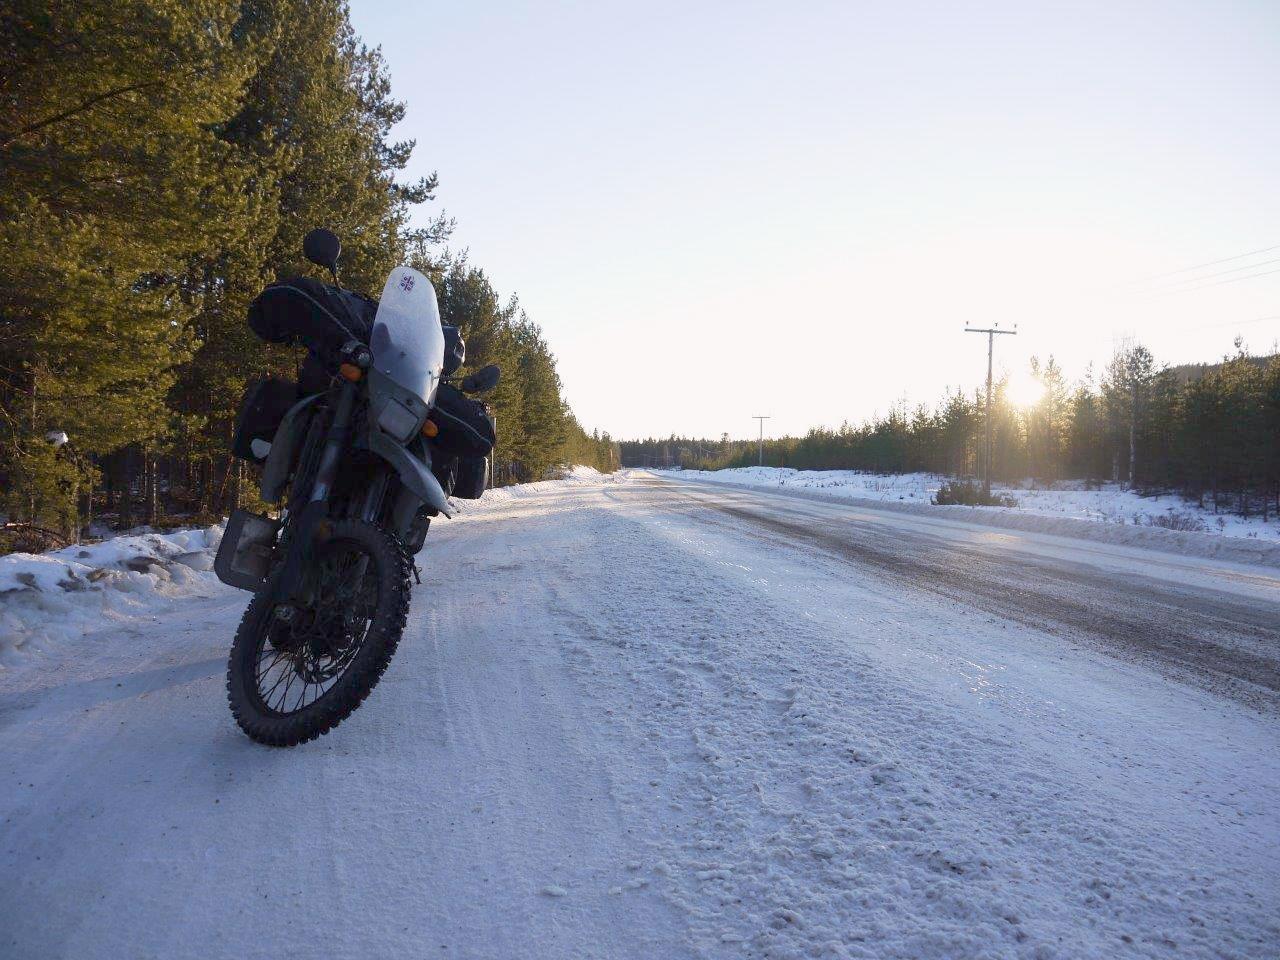 Ein Motorrad steht an einer schneebedeckten Straße, die Sonne steht tief.